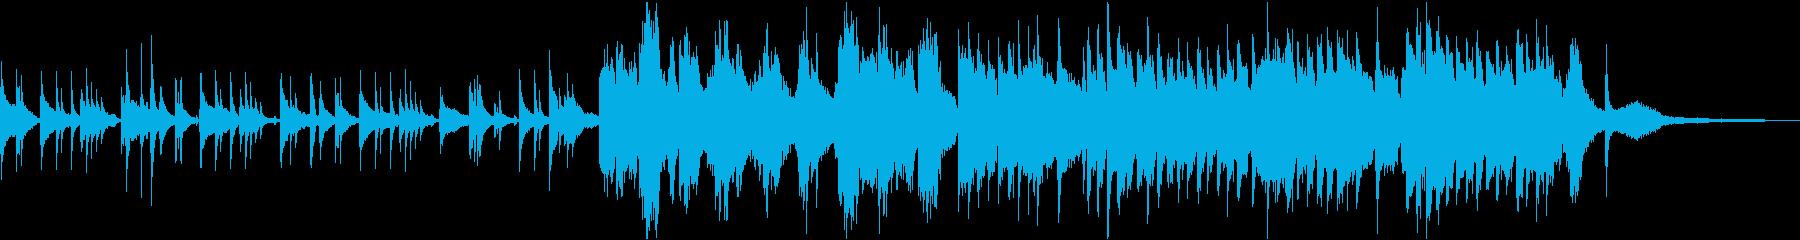 ピアノとヴァイオリンの切ない桜バラードの再生済みの波形